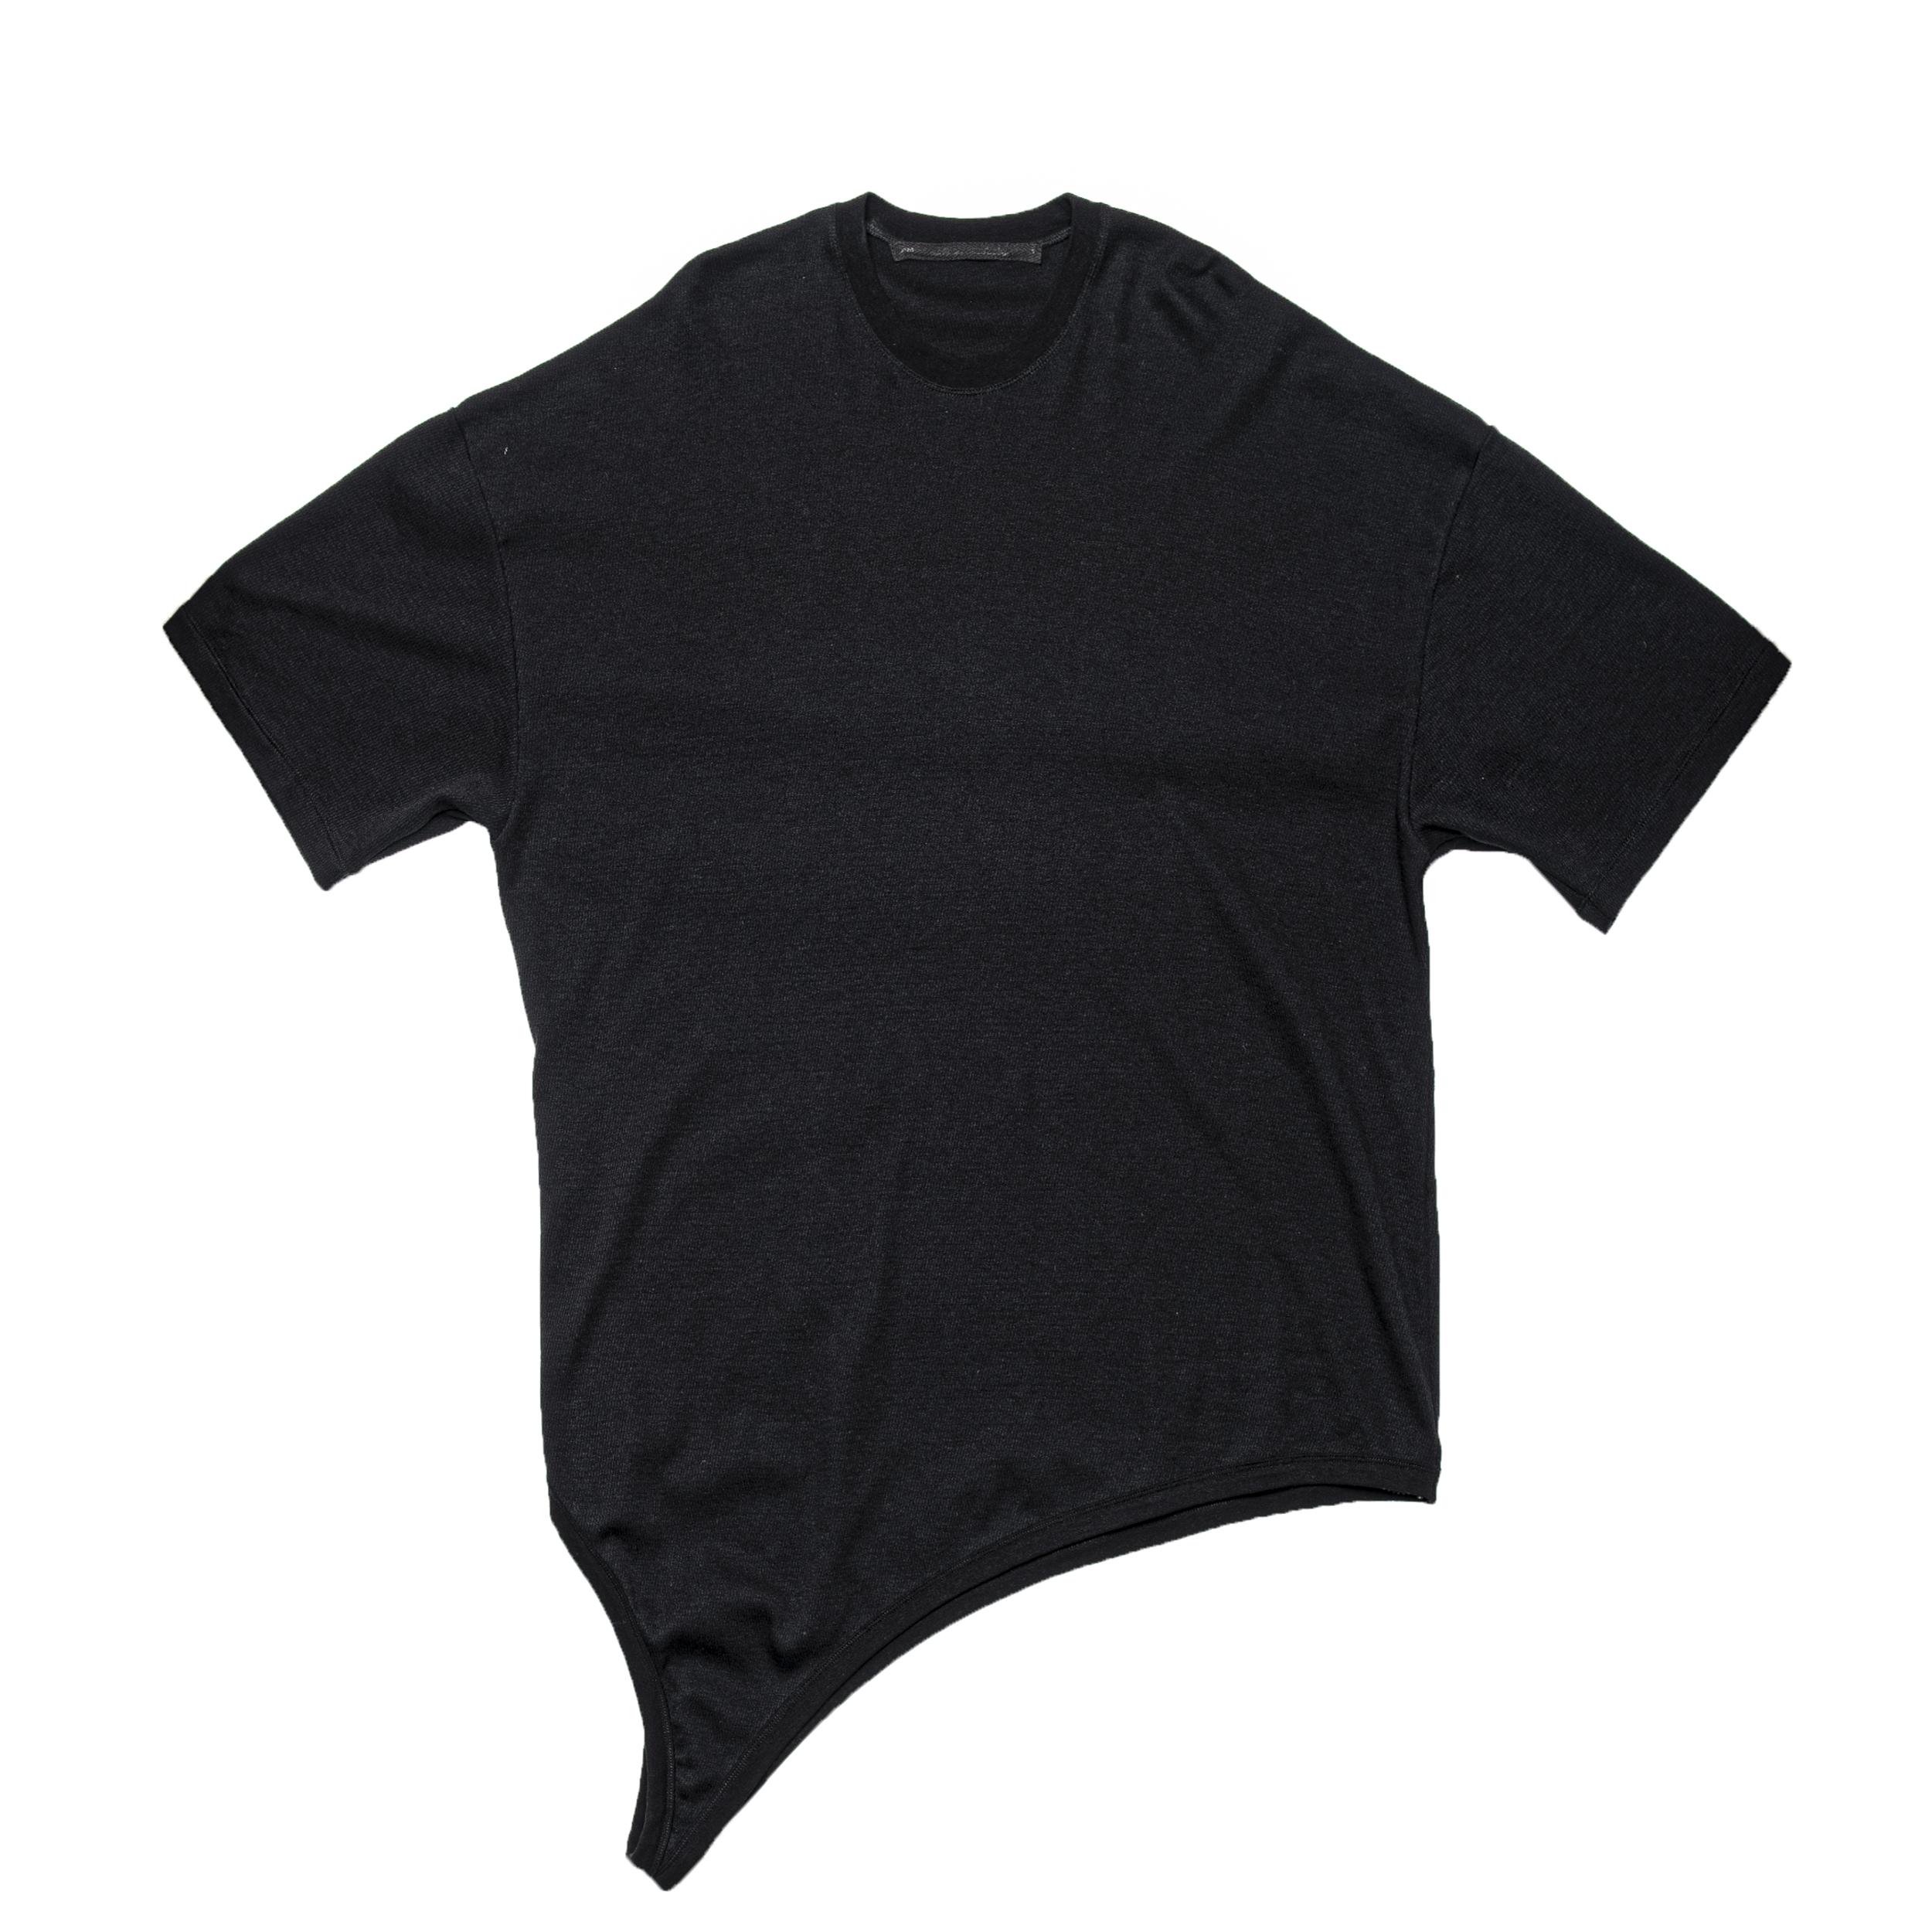 687CUM11-BLACK / ループ Tシャツ